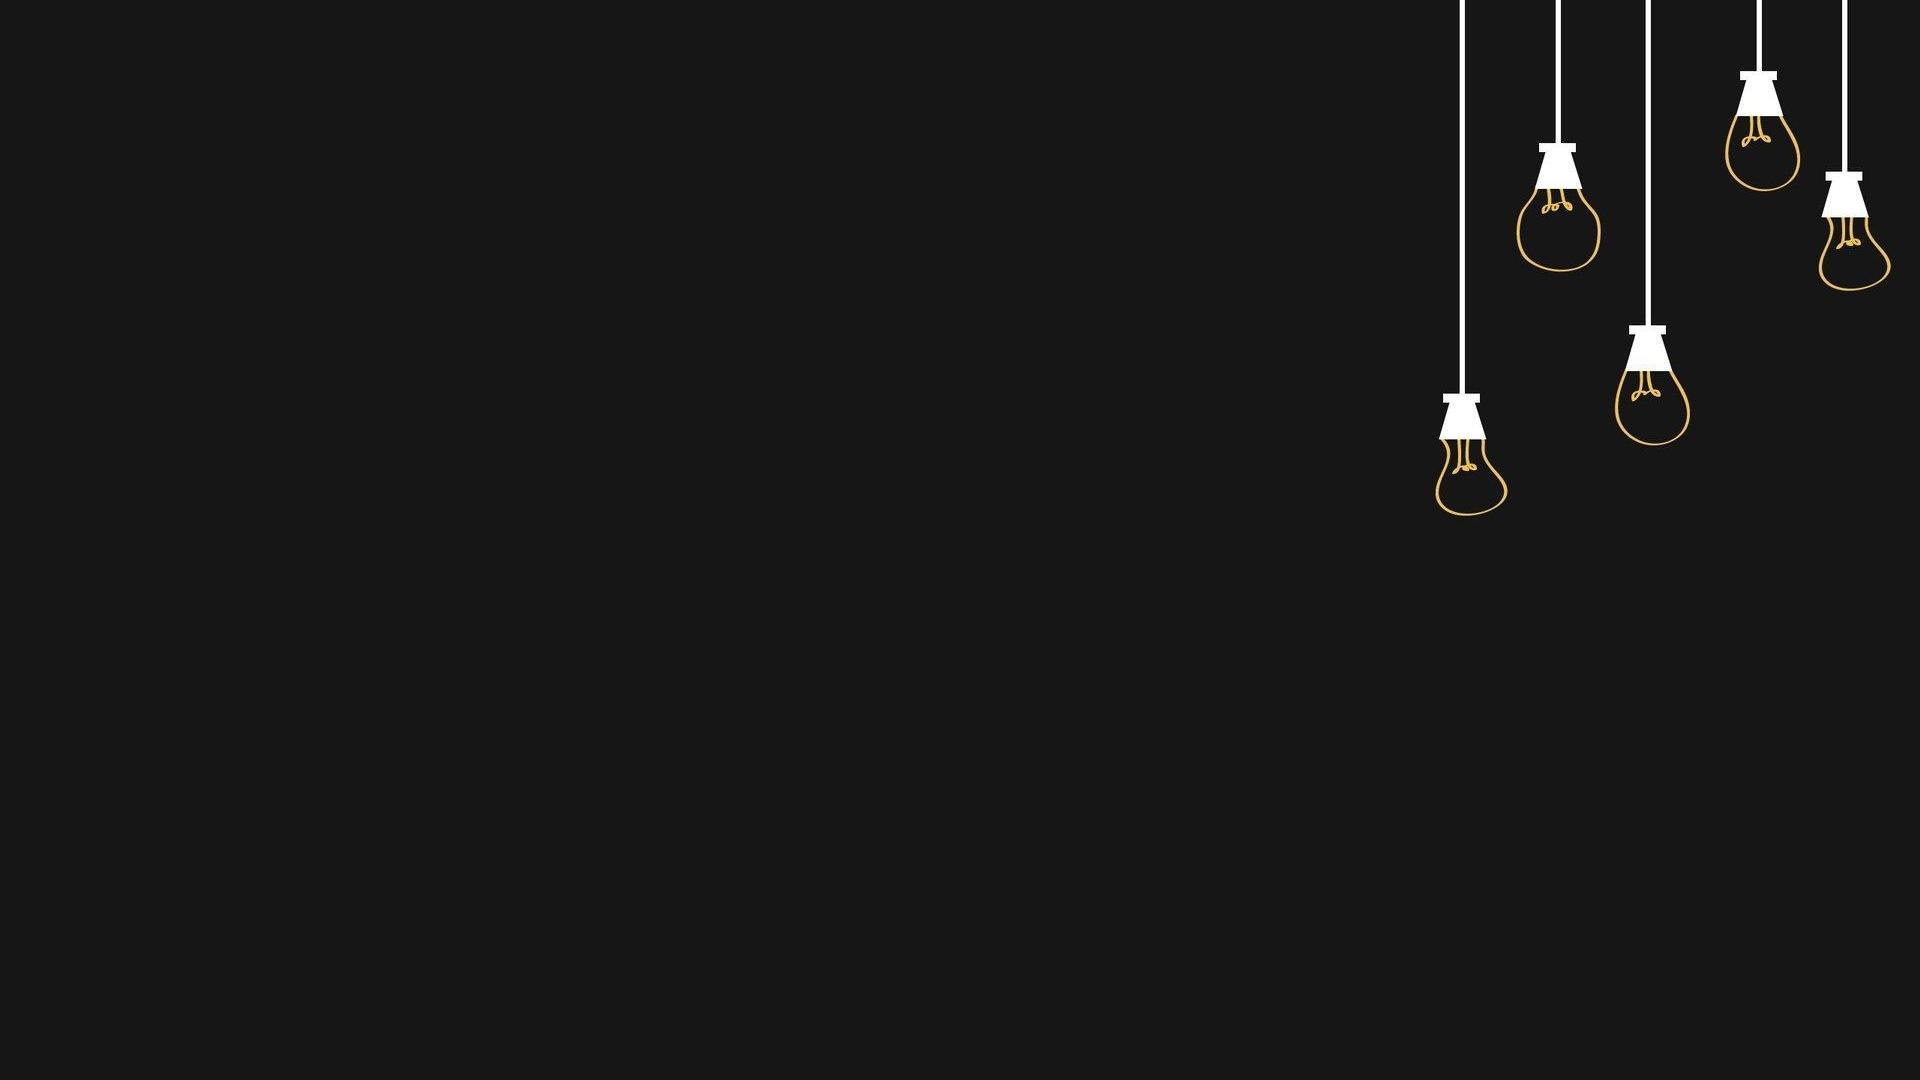 Free download Aesthetic Dark Desktop Wallpapers Top ...